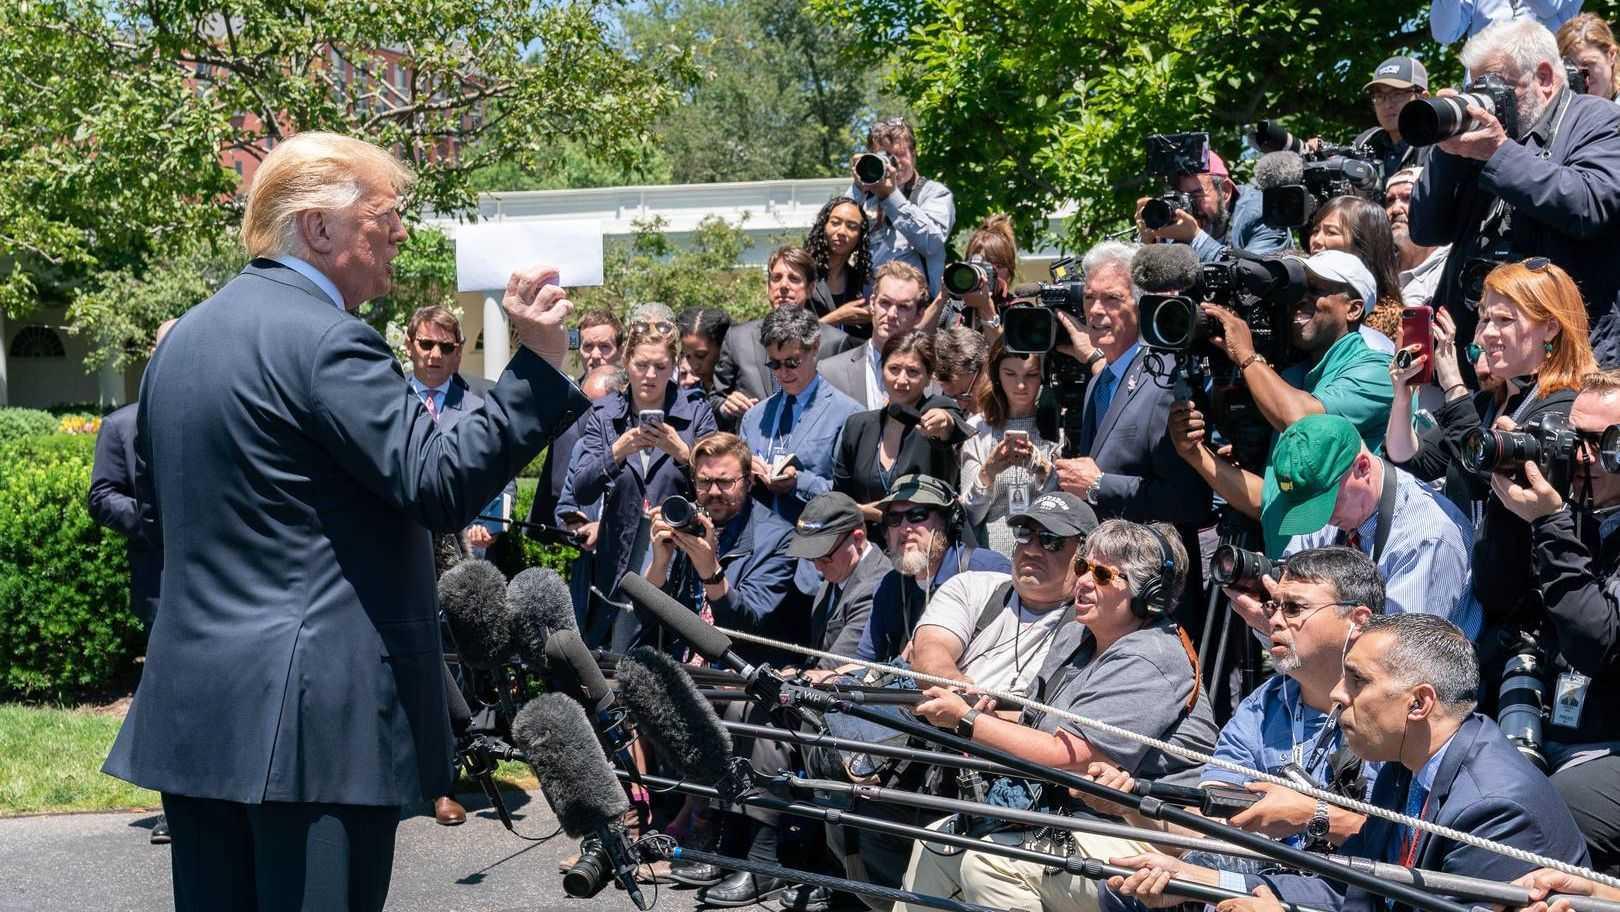 Дональд Трамп держит сложенный лист бумаги, который он назвал соглашением Соединенных Штатов с Мексикой